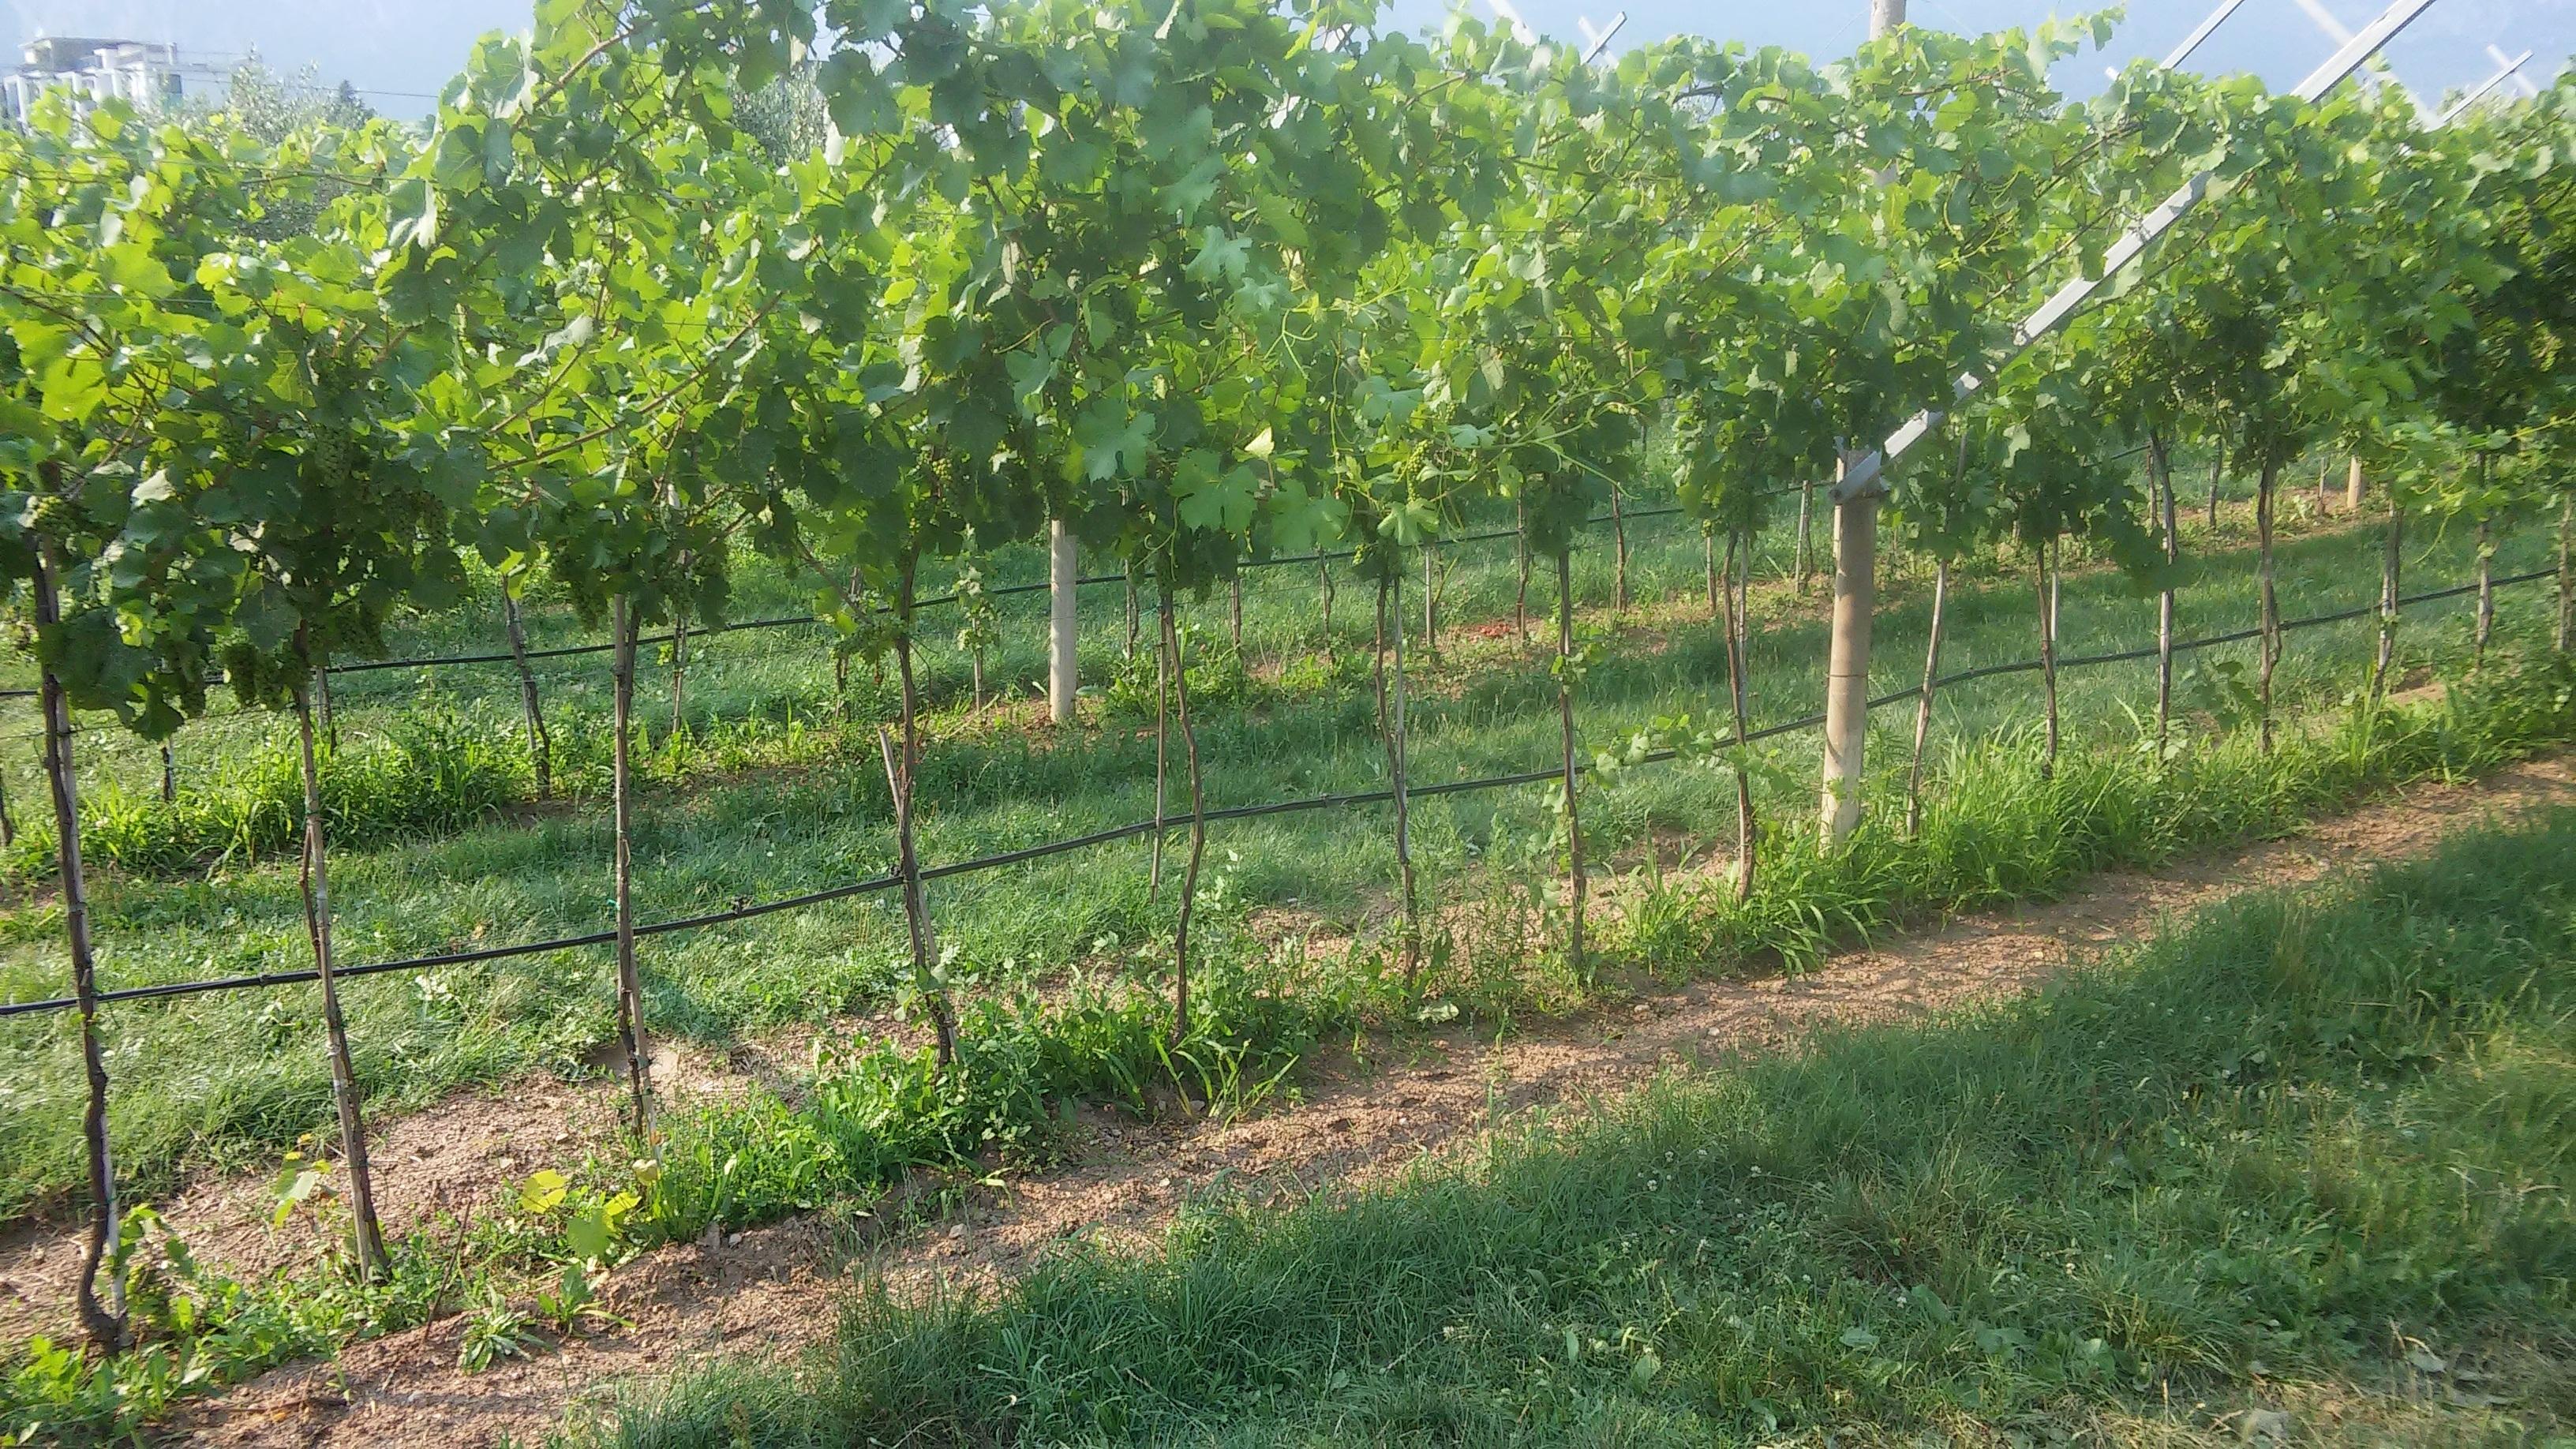 Elenco e storia dei vini aromatizzati dell'antichità, del medioevo e di oggi